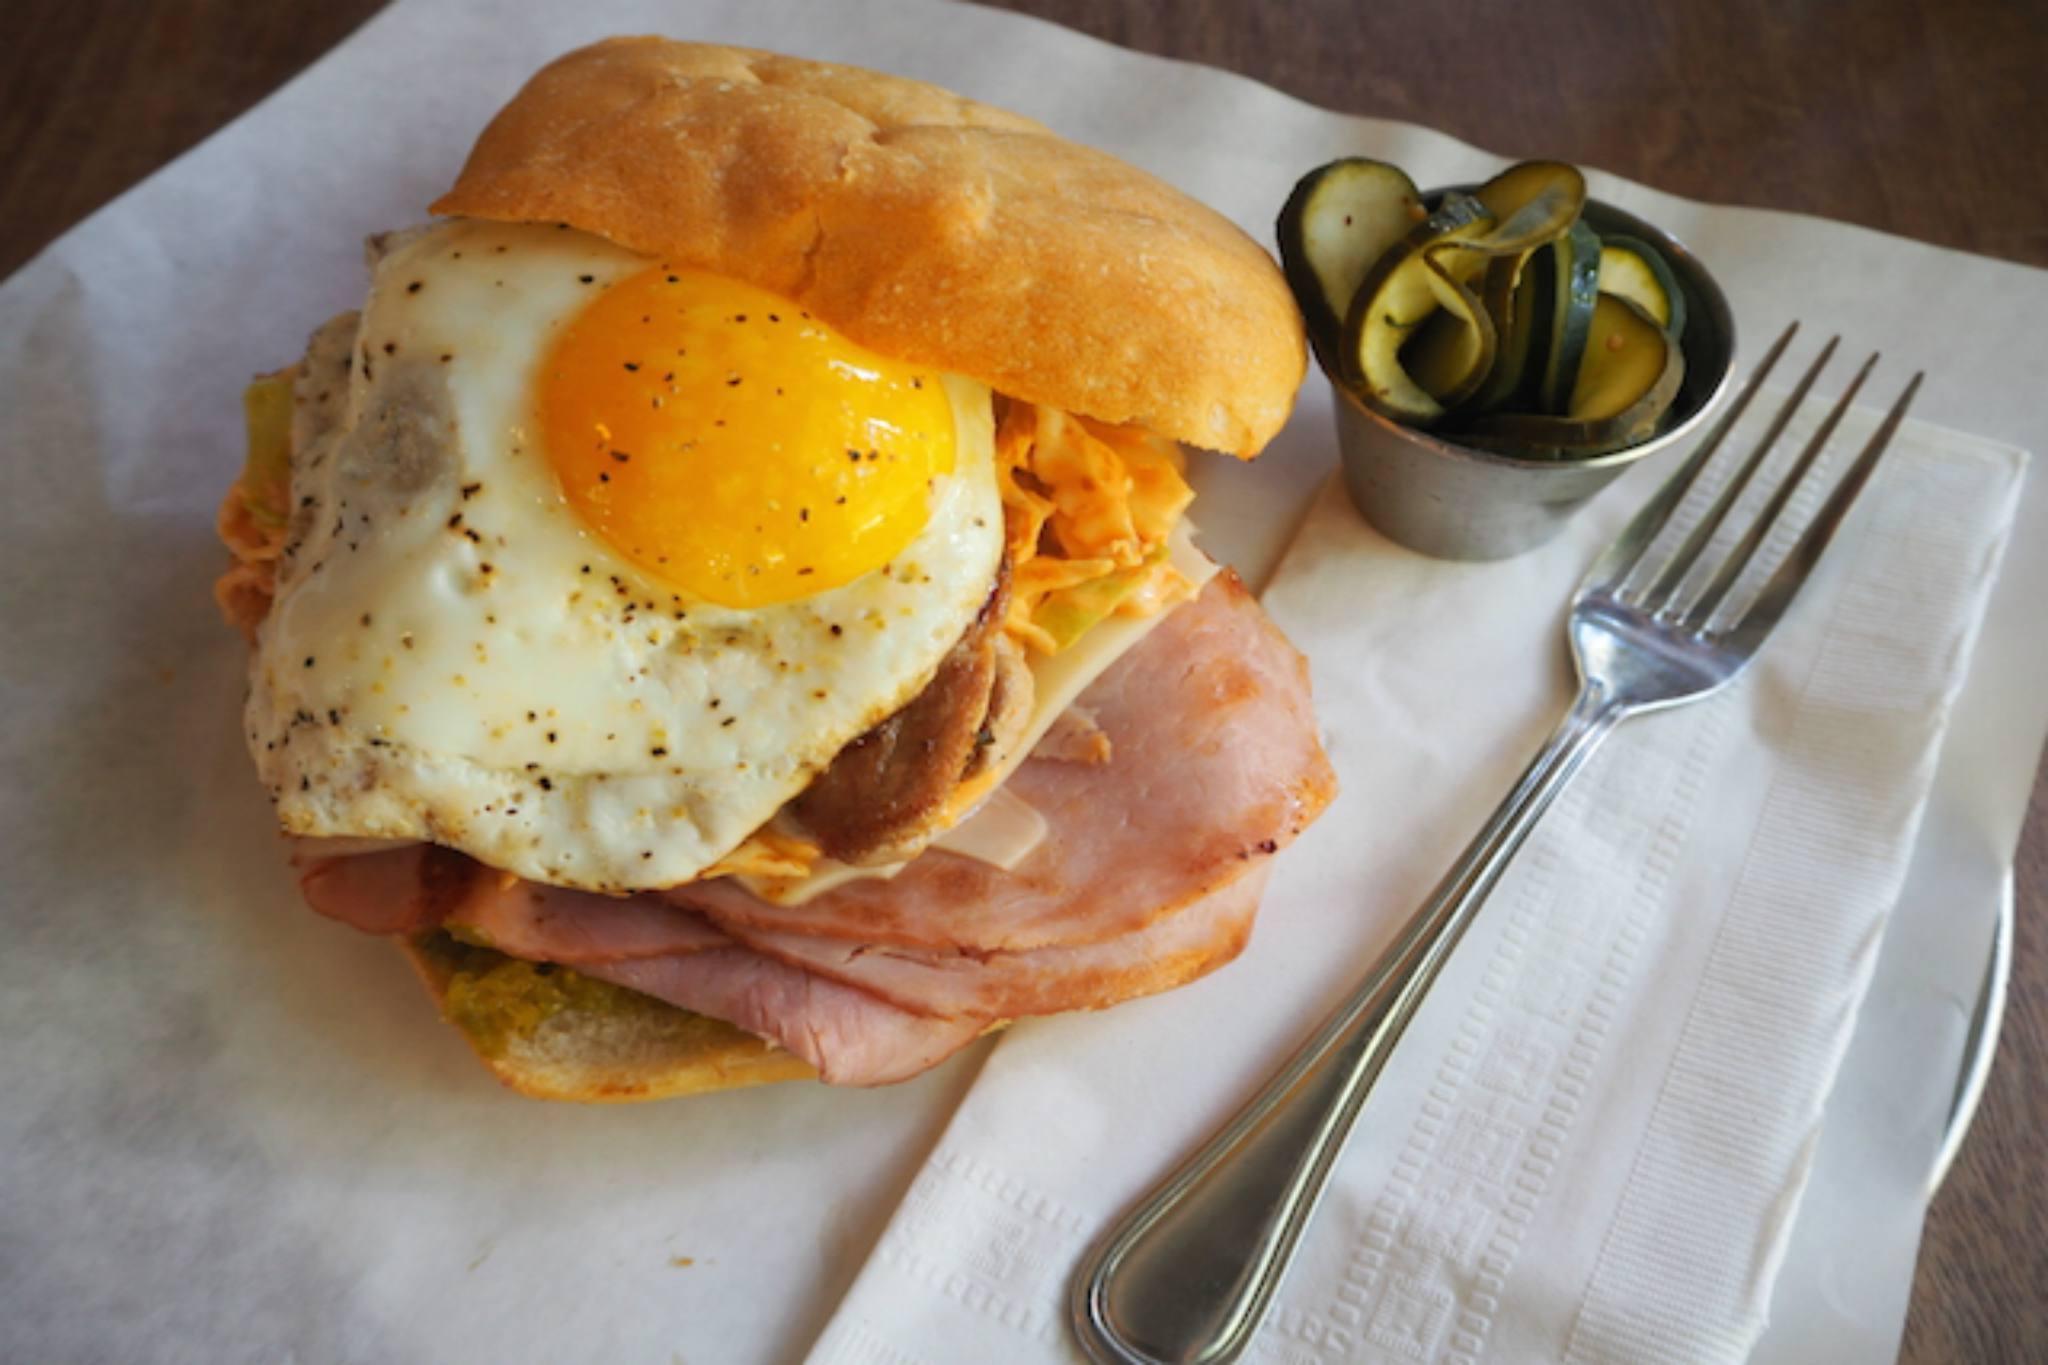 Gypsy Grove sandwich at FoodHeads